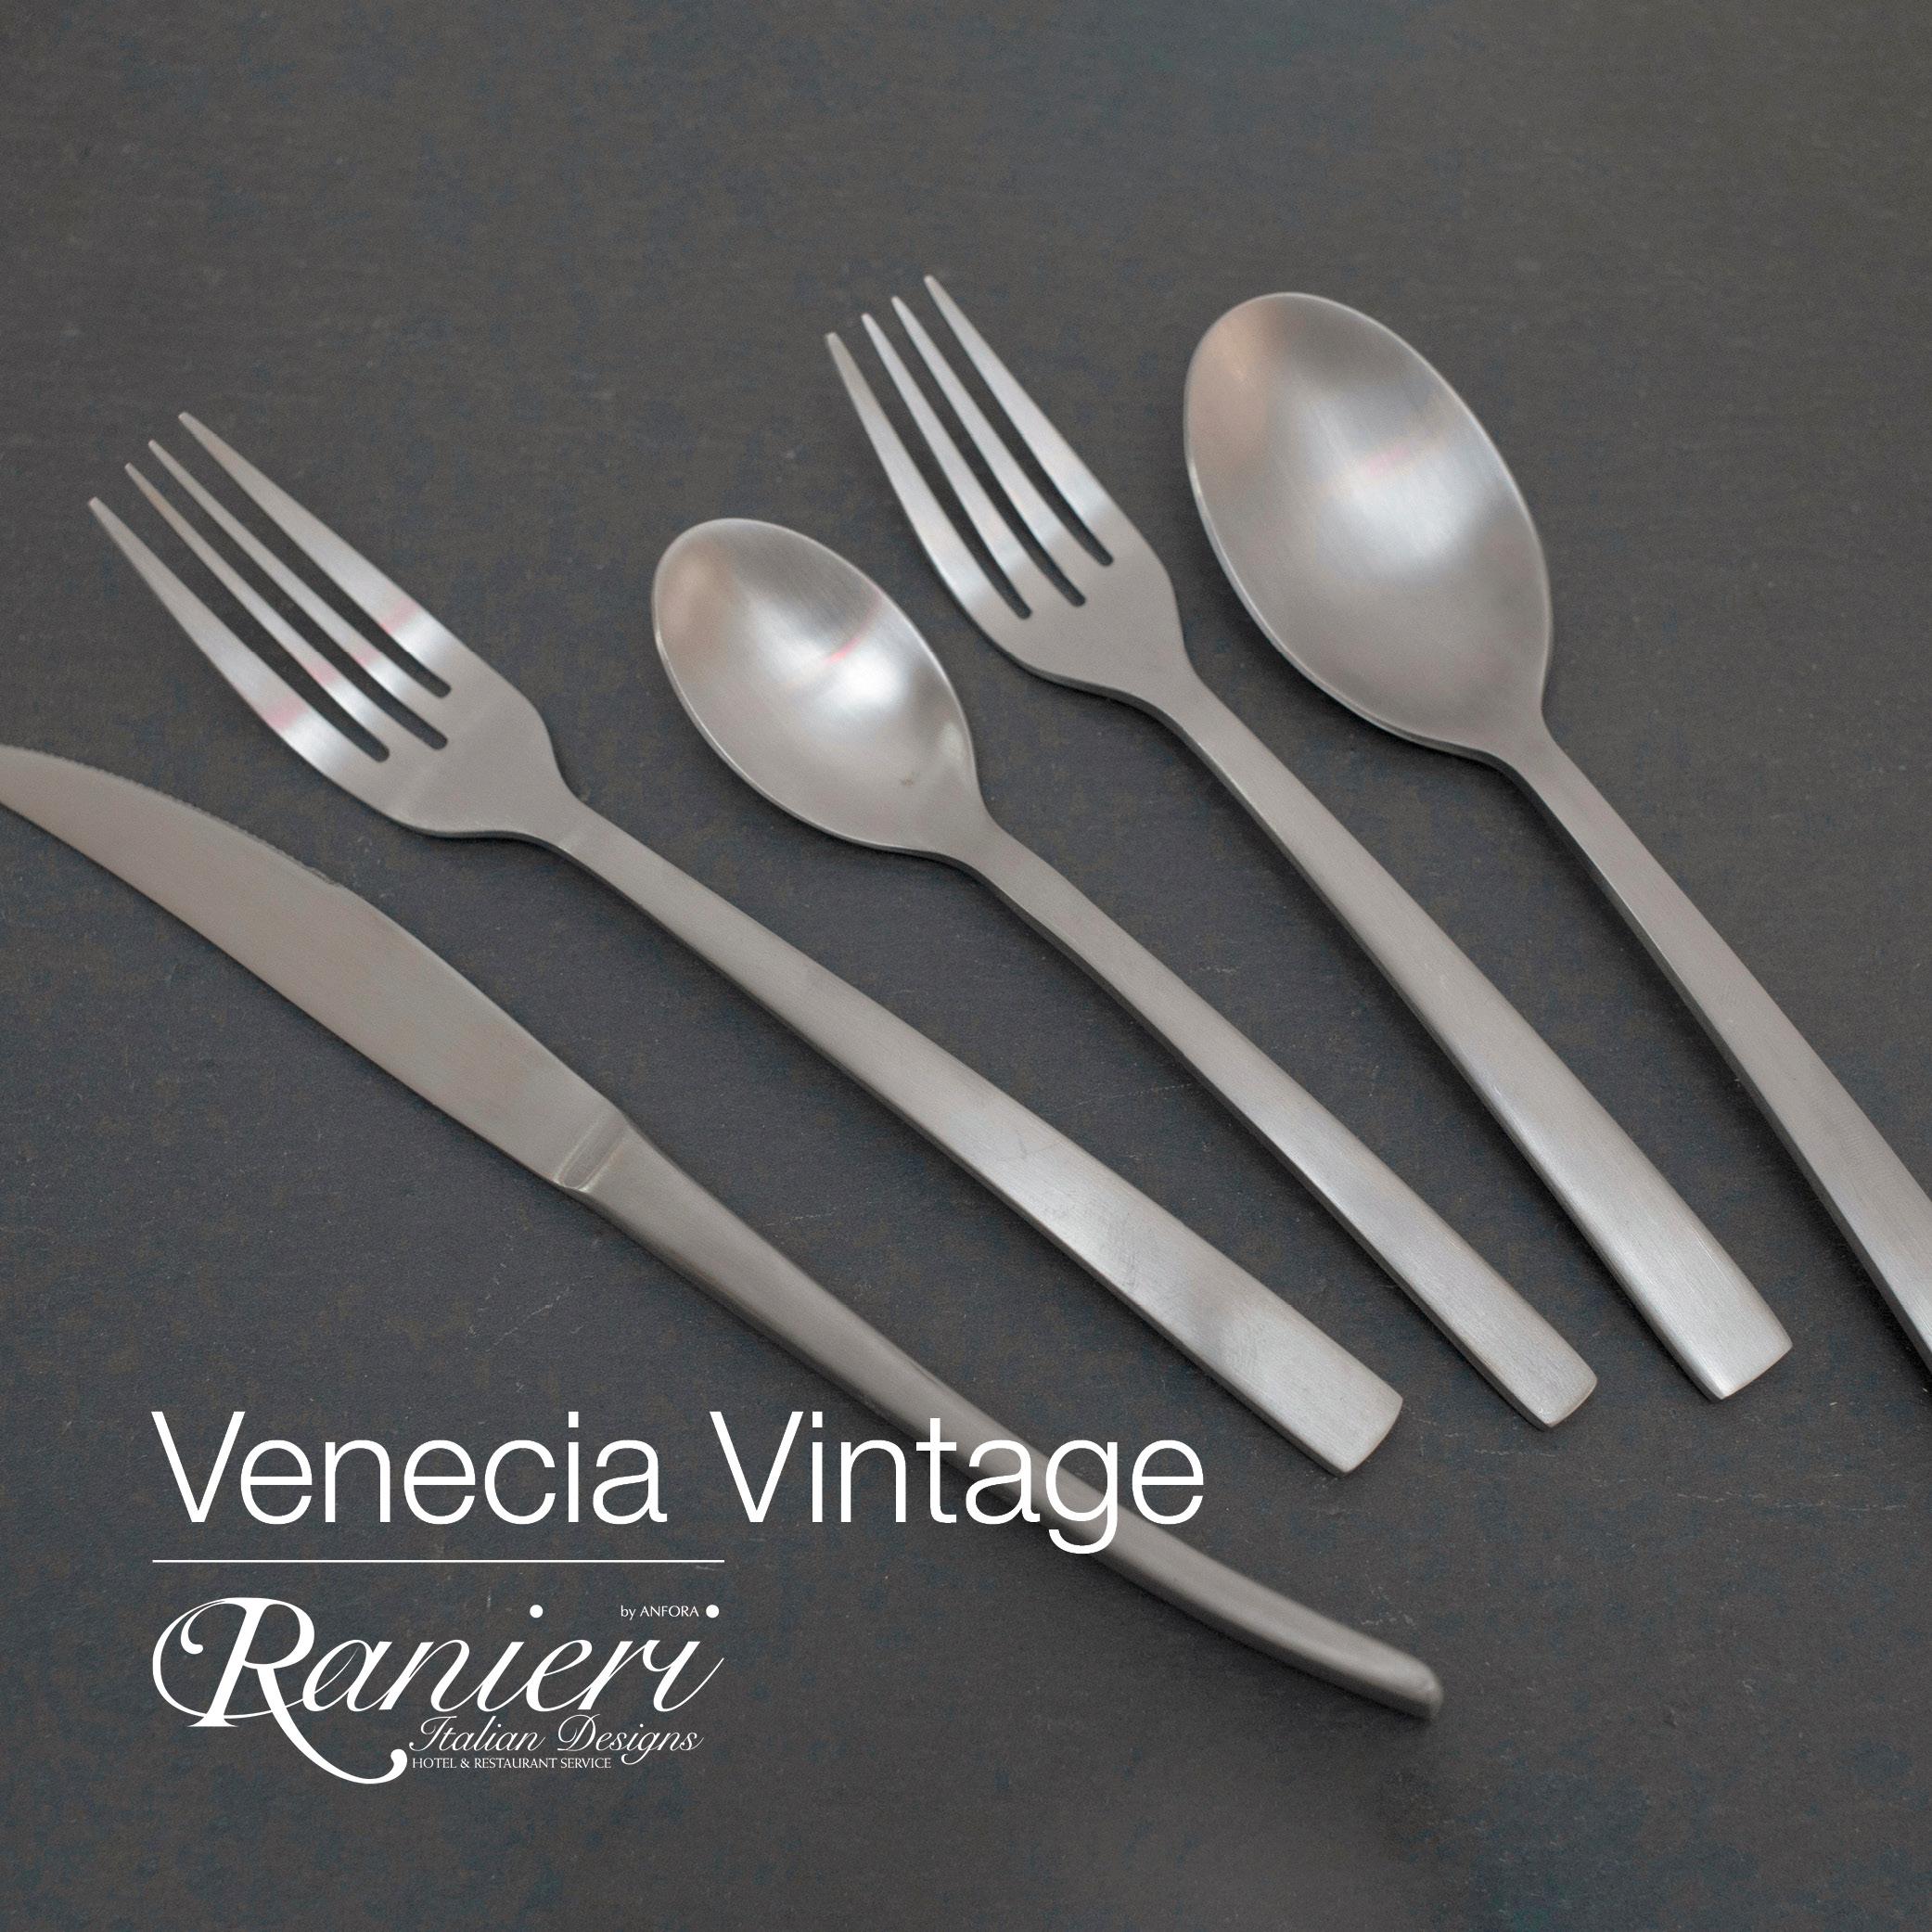 Venecia Vintage